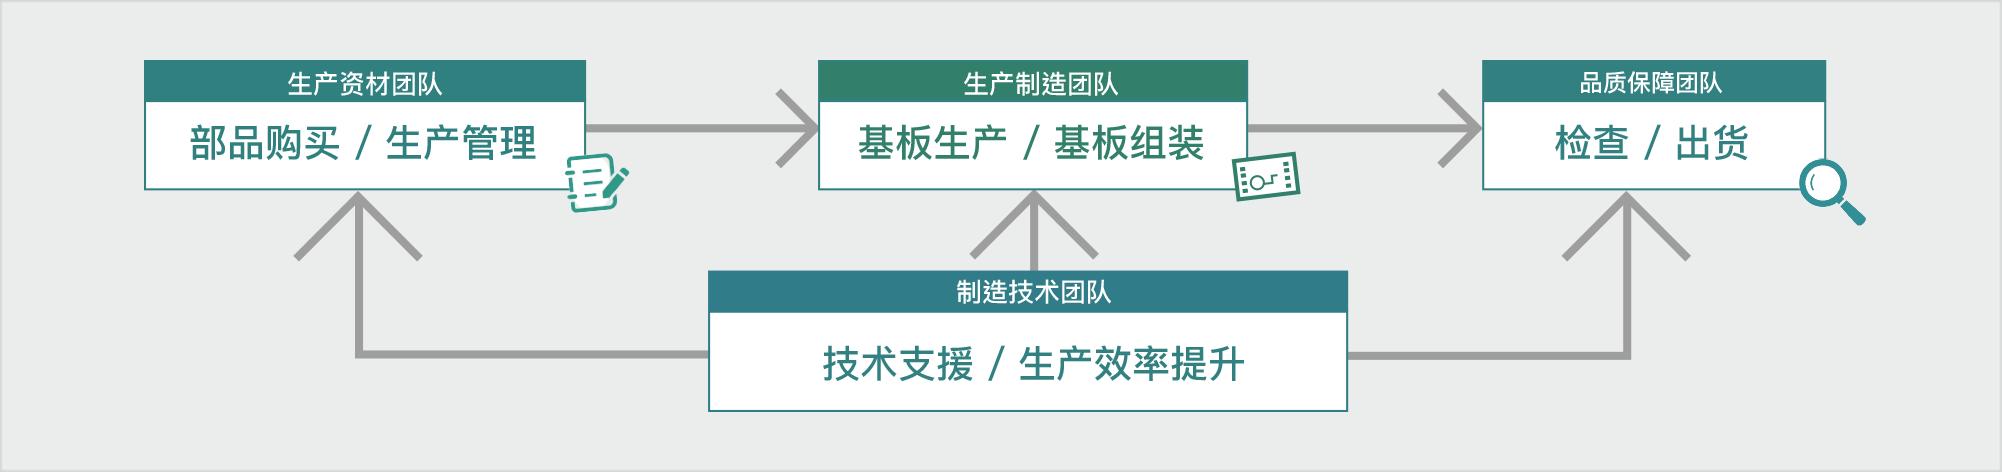 三岛工厂生产系统